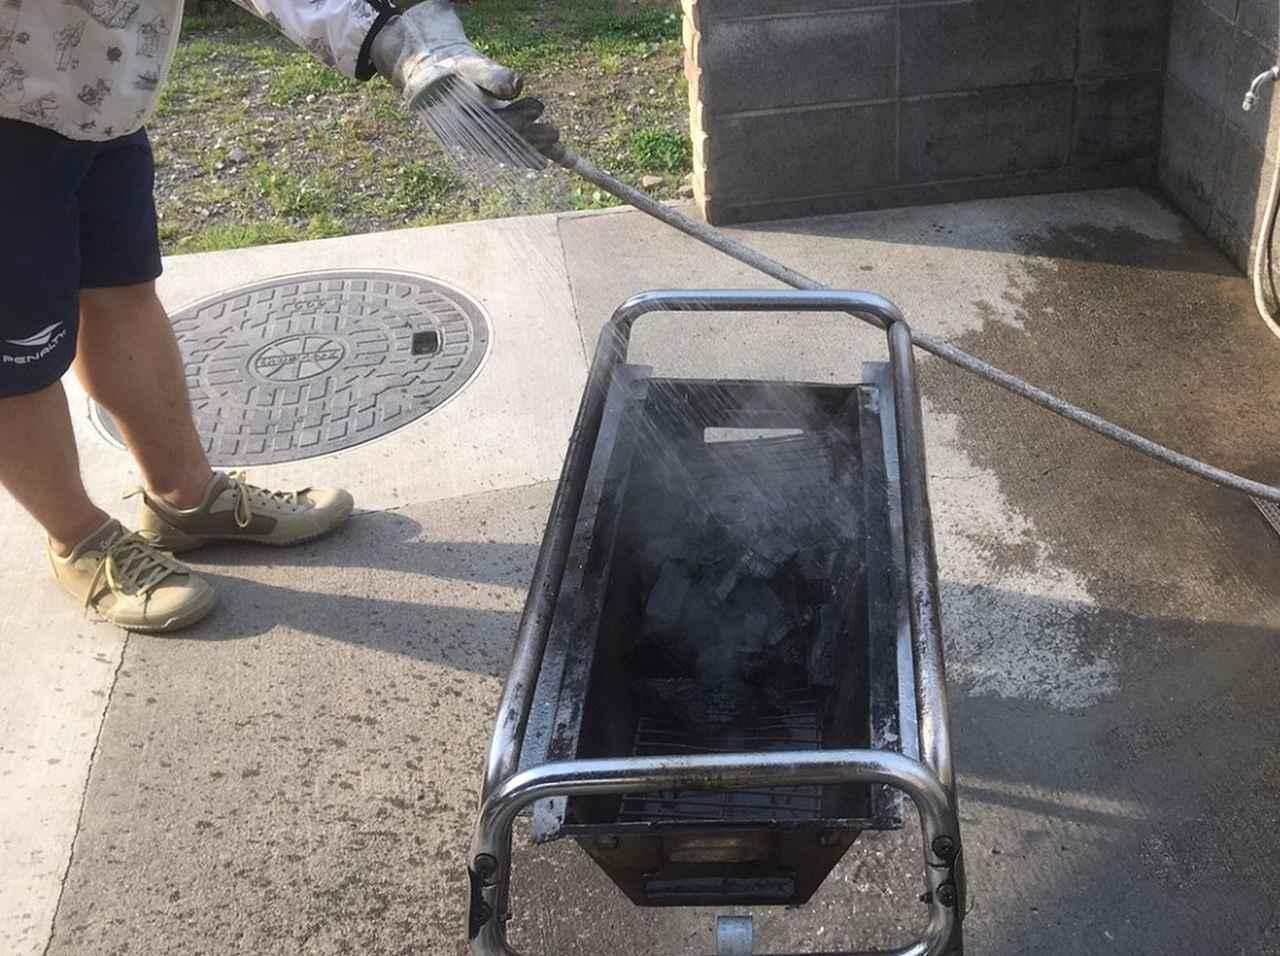 画像: 筆者撮影 ※逃げ腰で炭の黒汁を避けるオカダ タロウ。結構な距離まで水しぶきが飛んでくるので一苦労